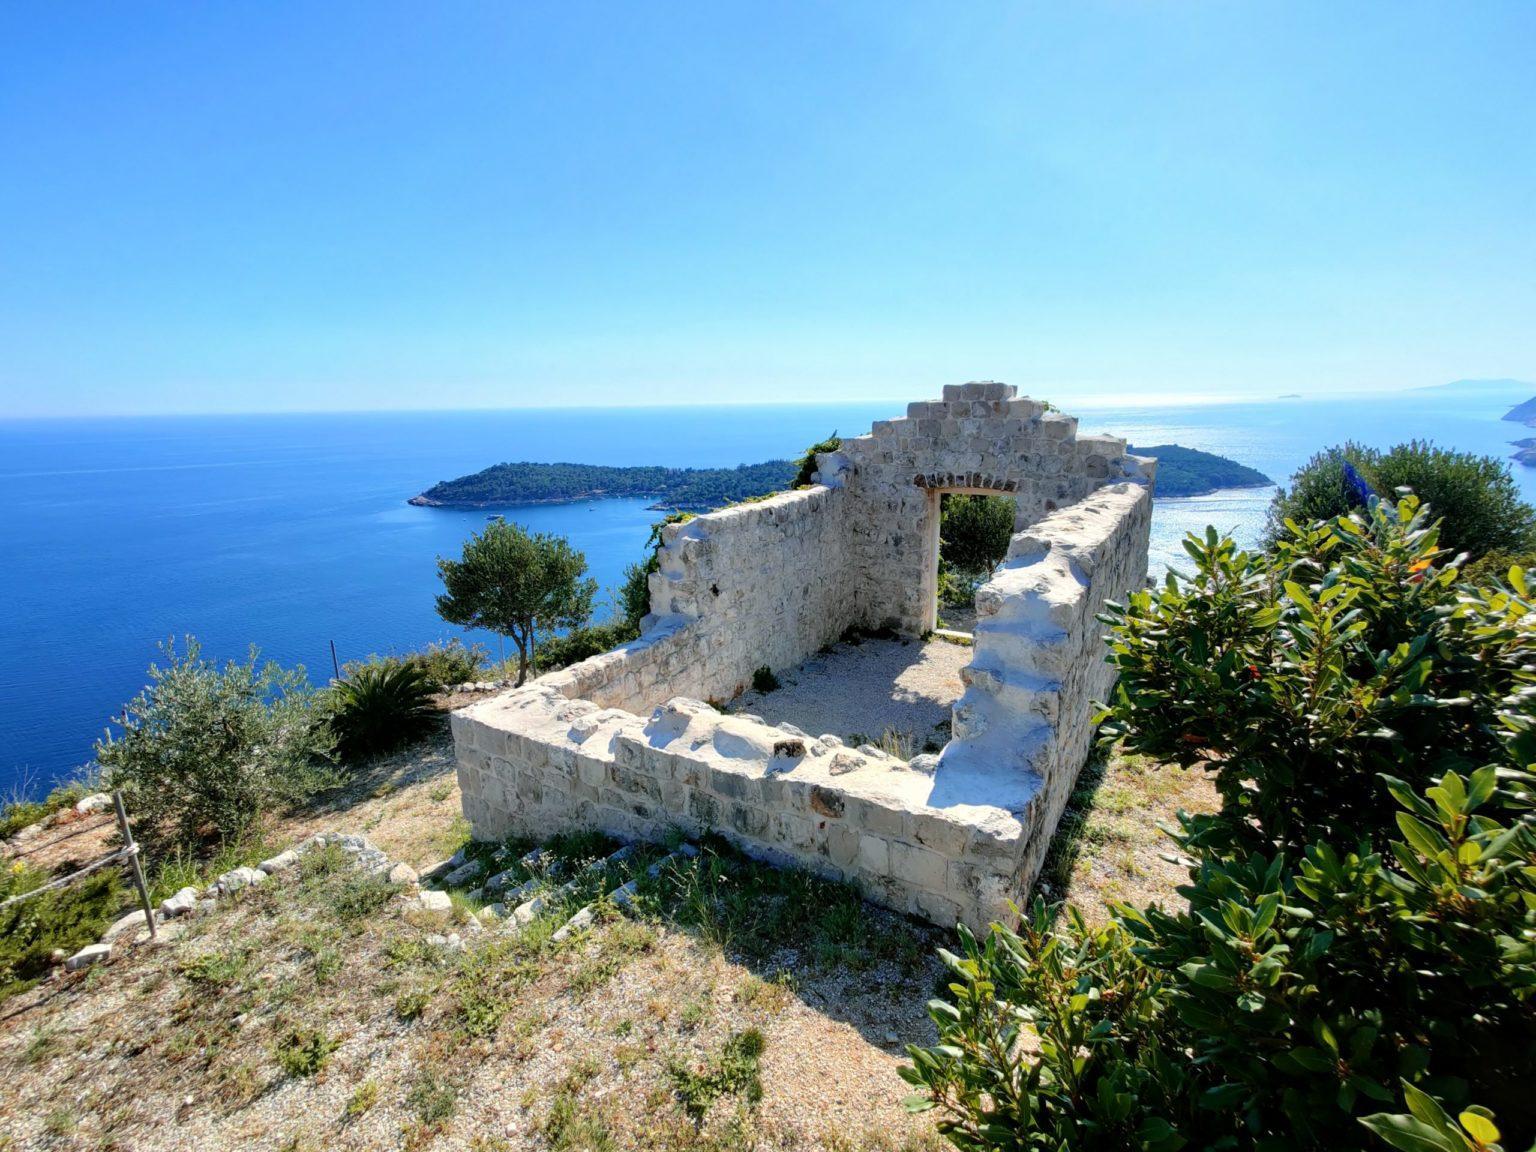 Hochzeit im Orsula Park Heiraten Hochzeitslocation Location in Kroatien Berge am Meer mit Ruine